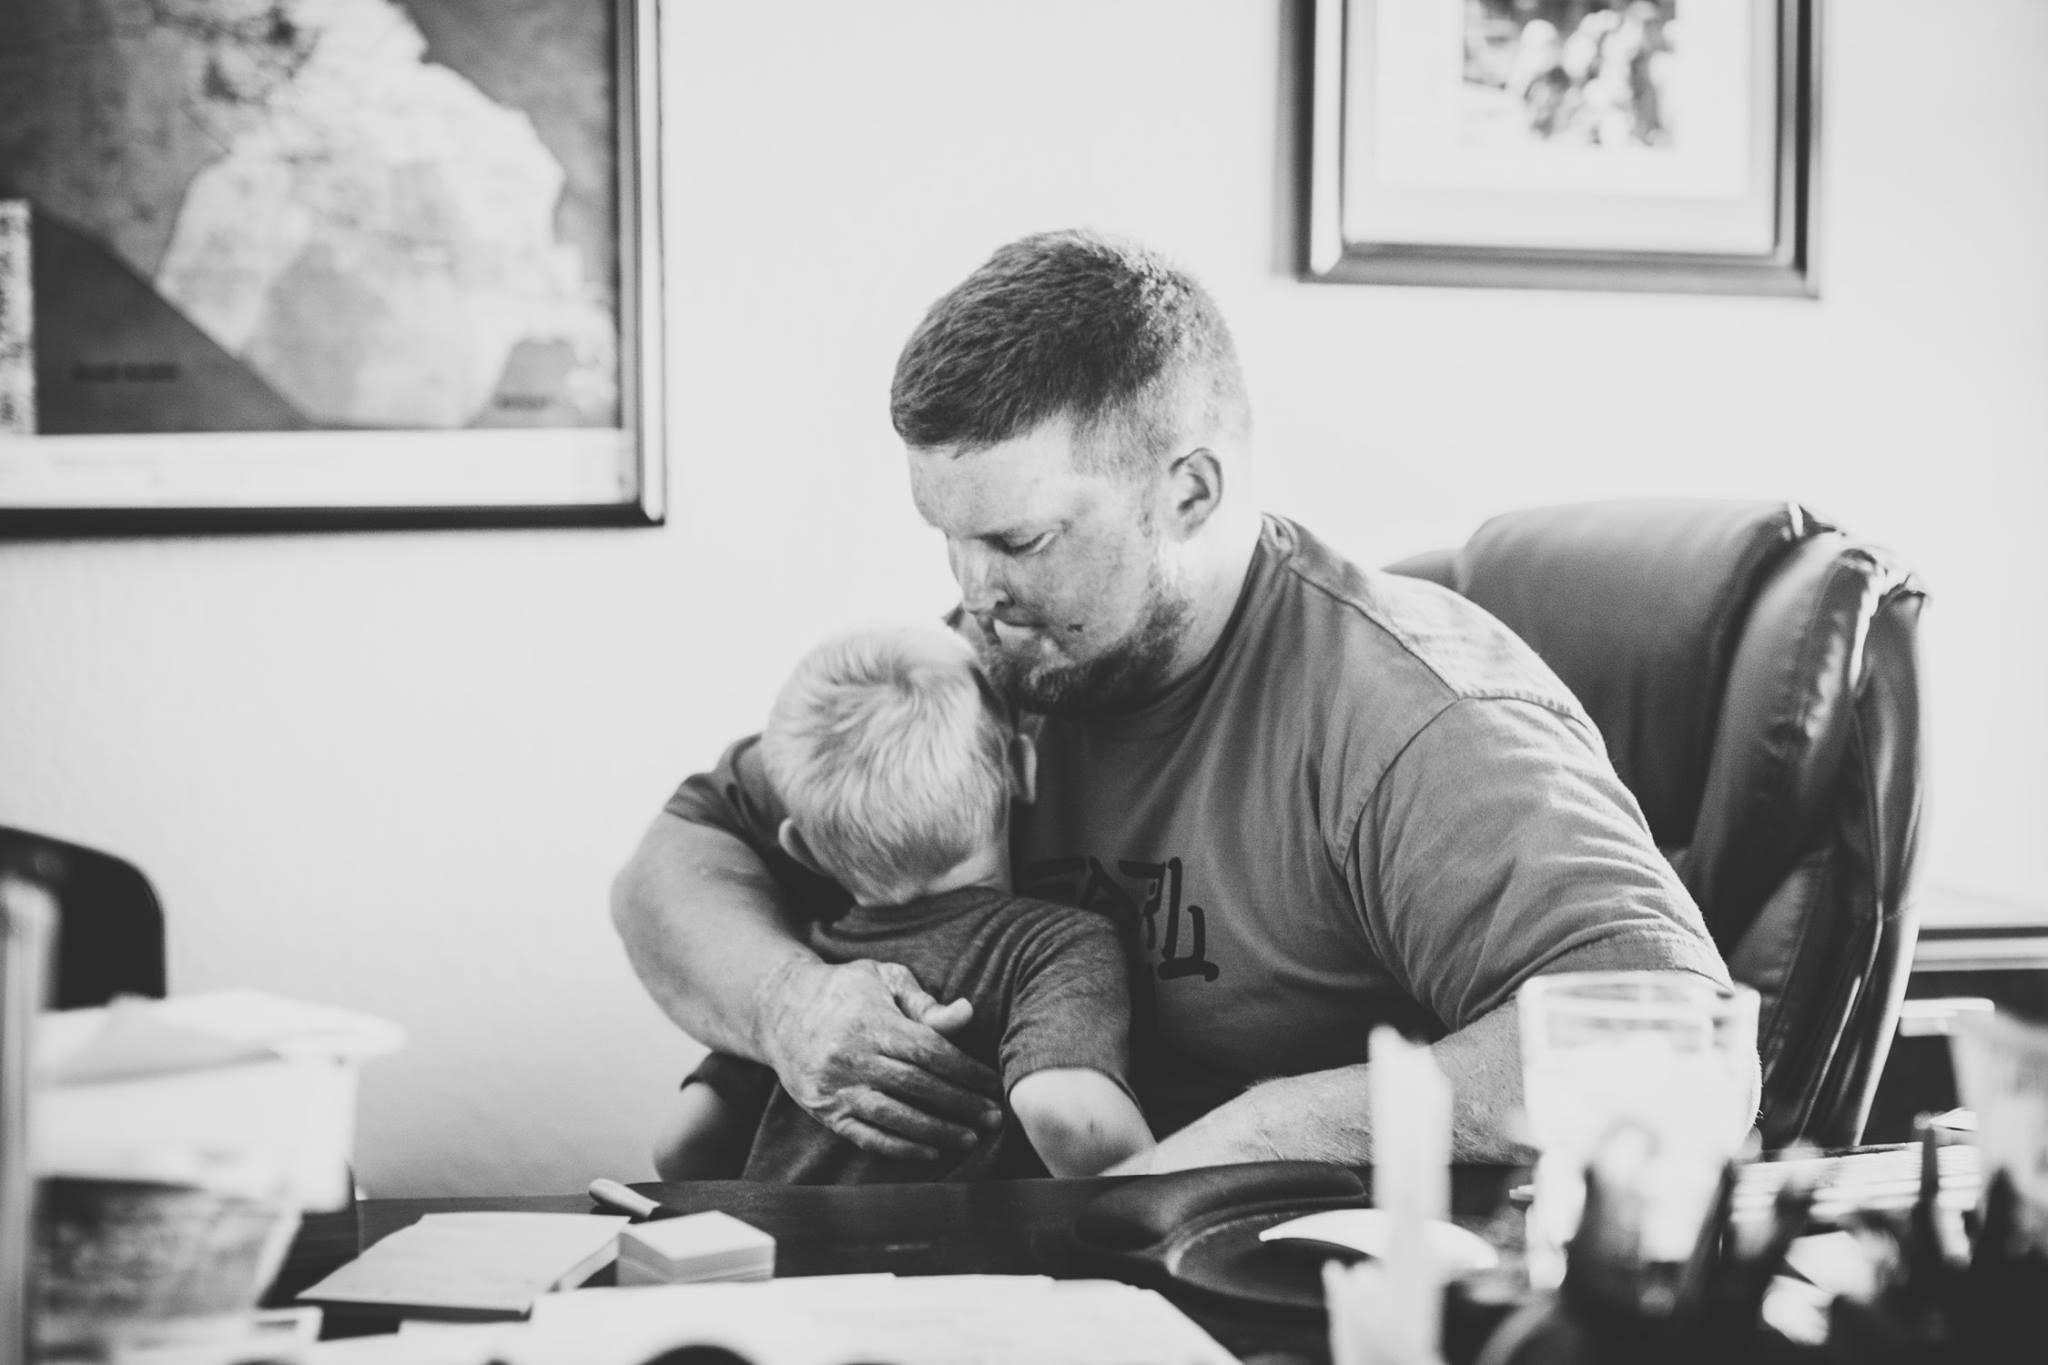 Joe and his son, King